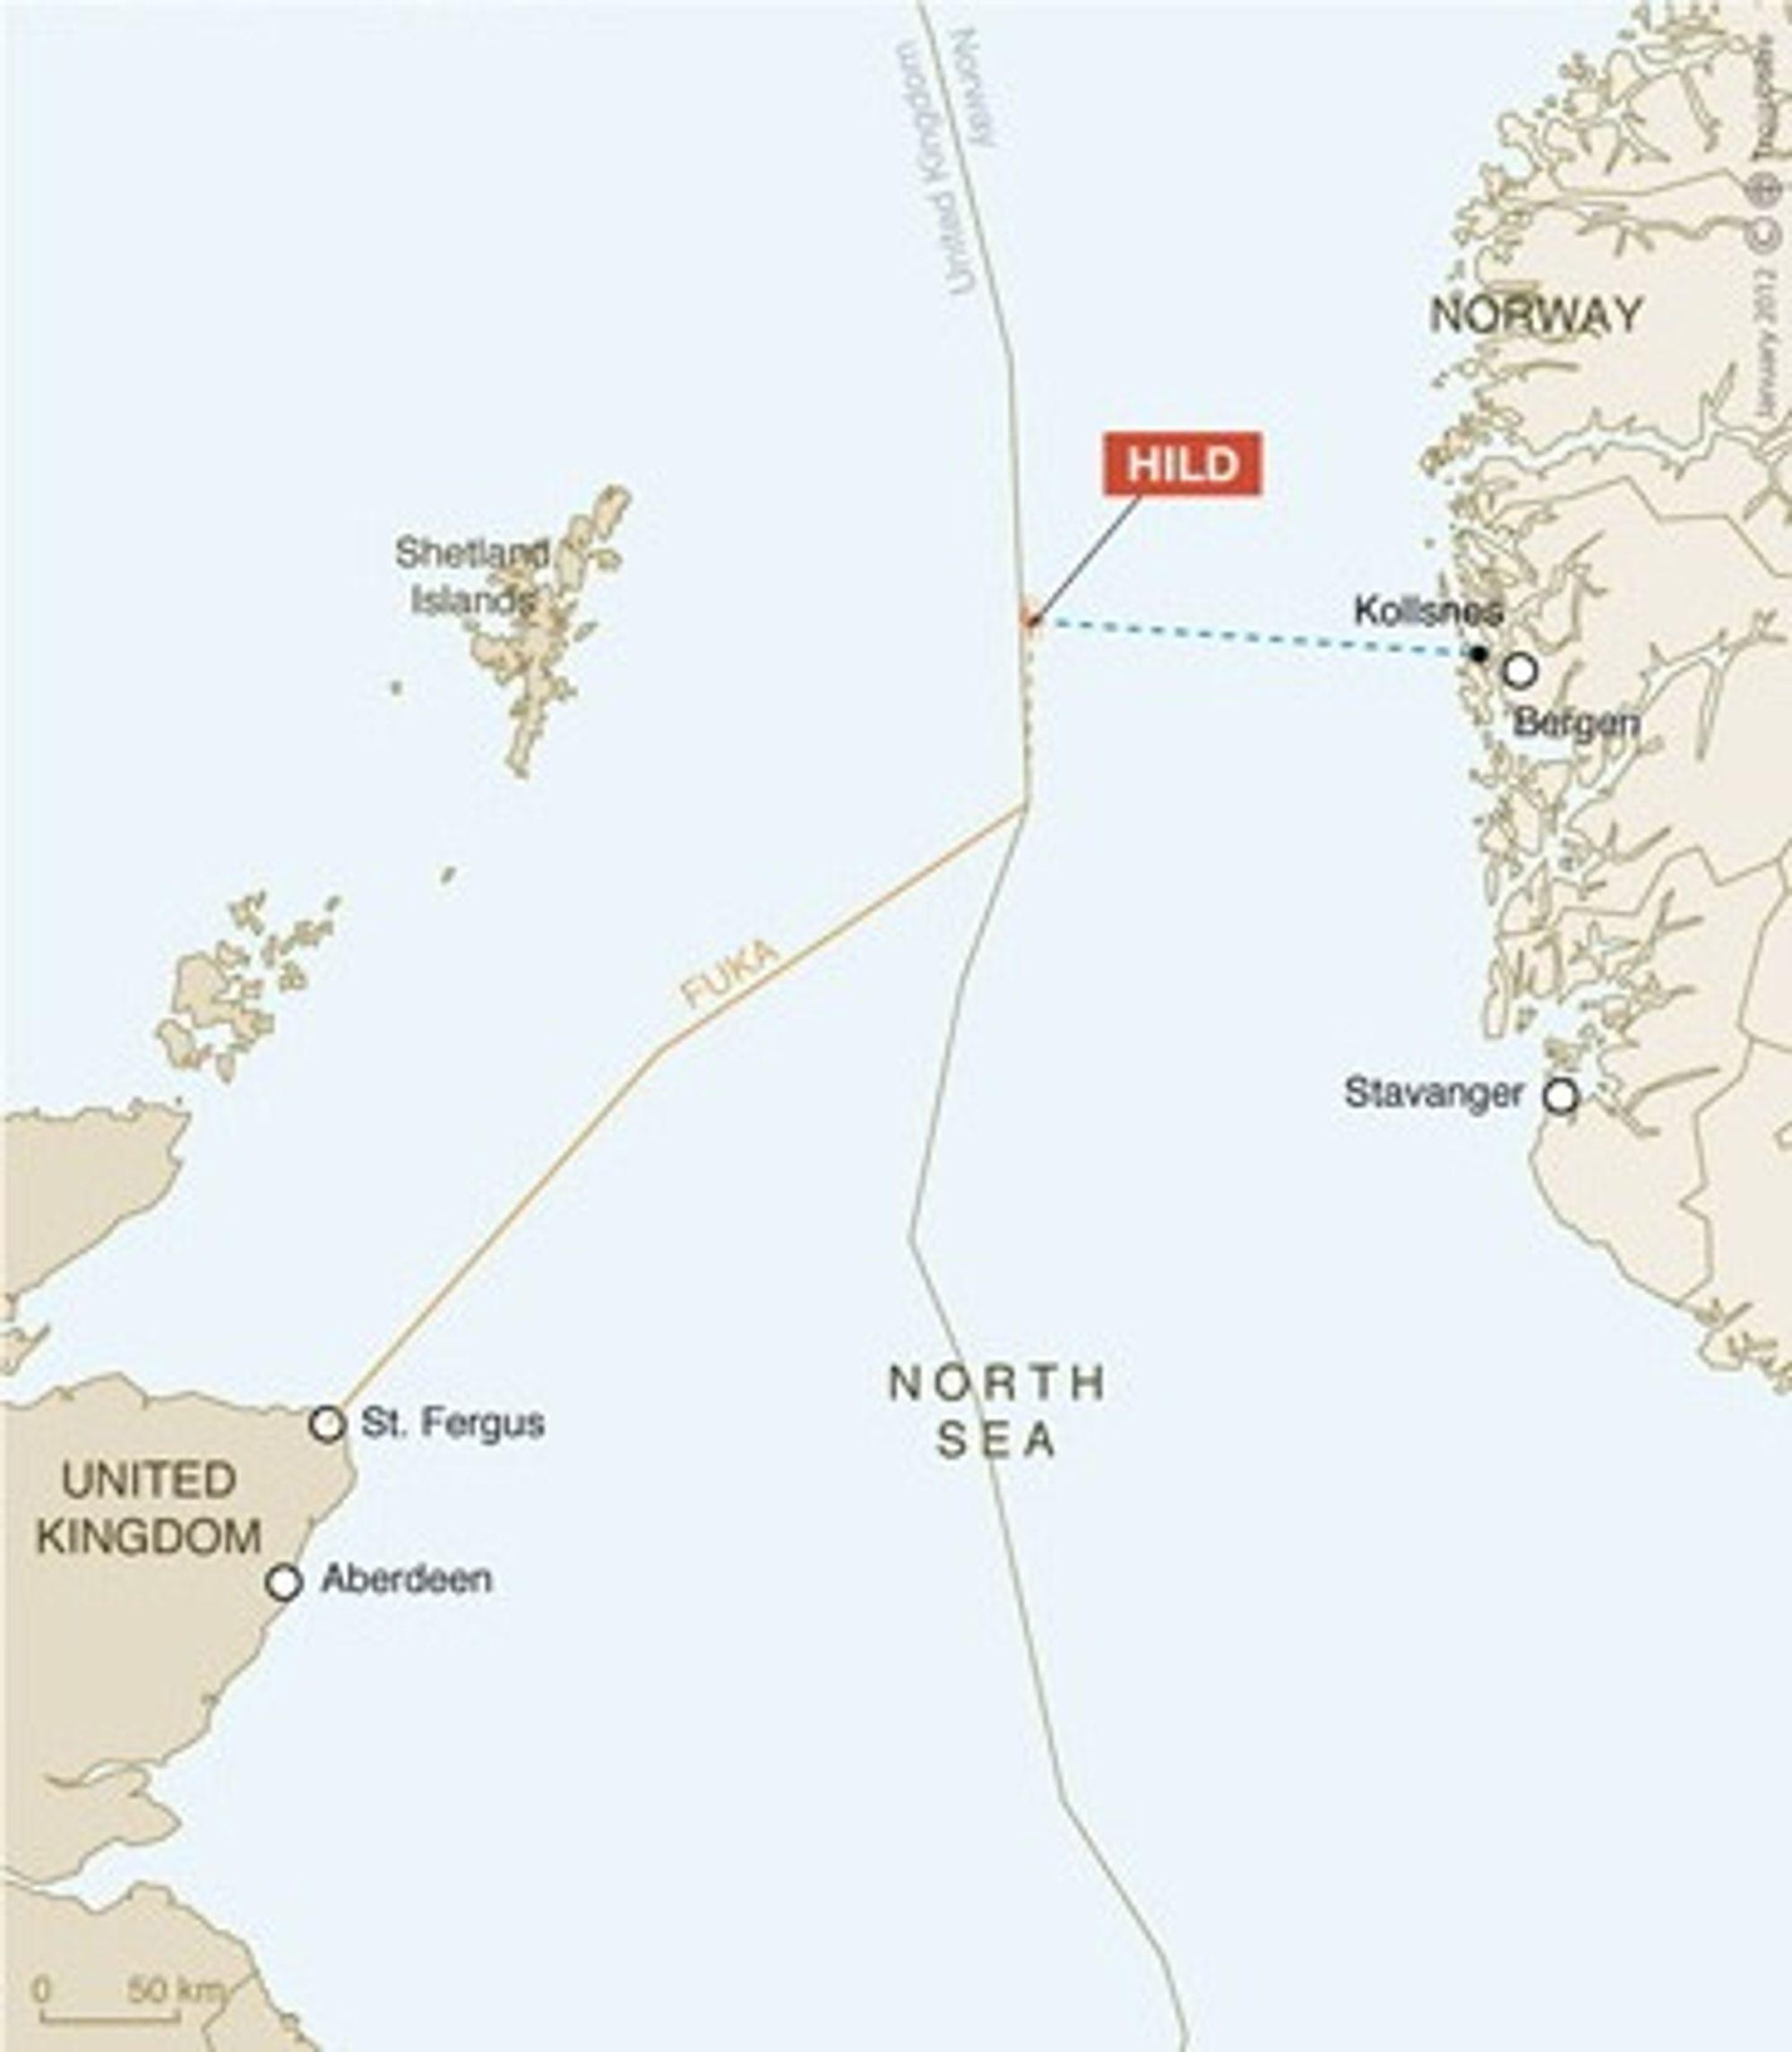 Hild Total Nordsjøen